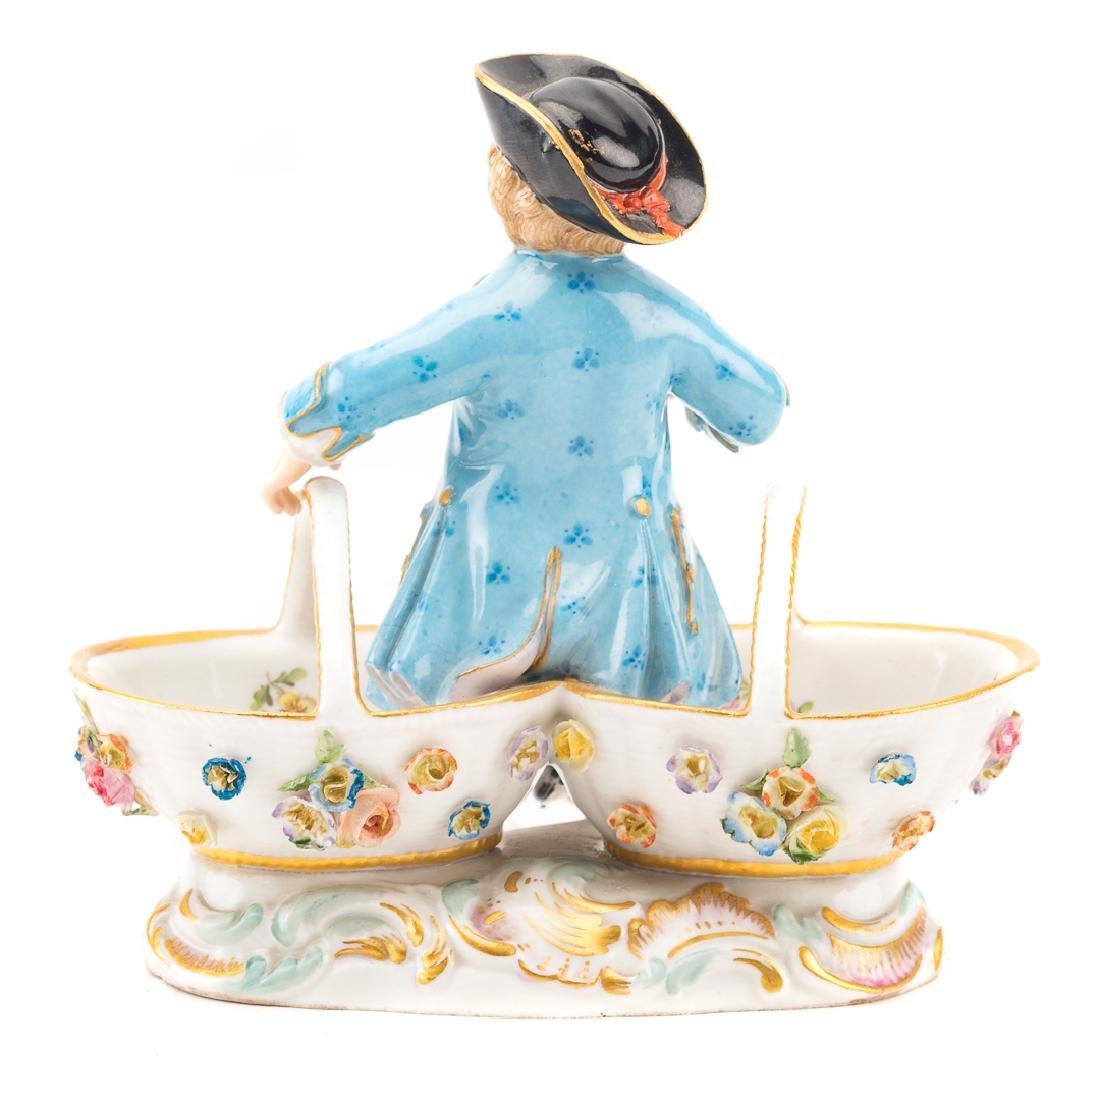 Meissen porcelain figural salt - 3